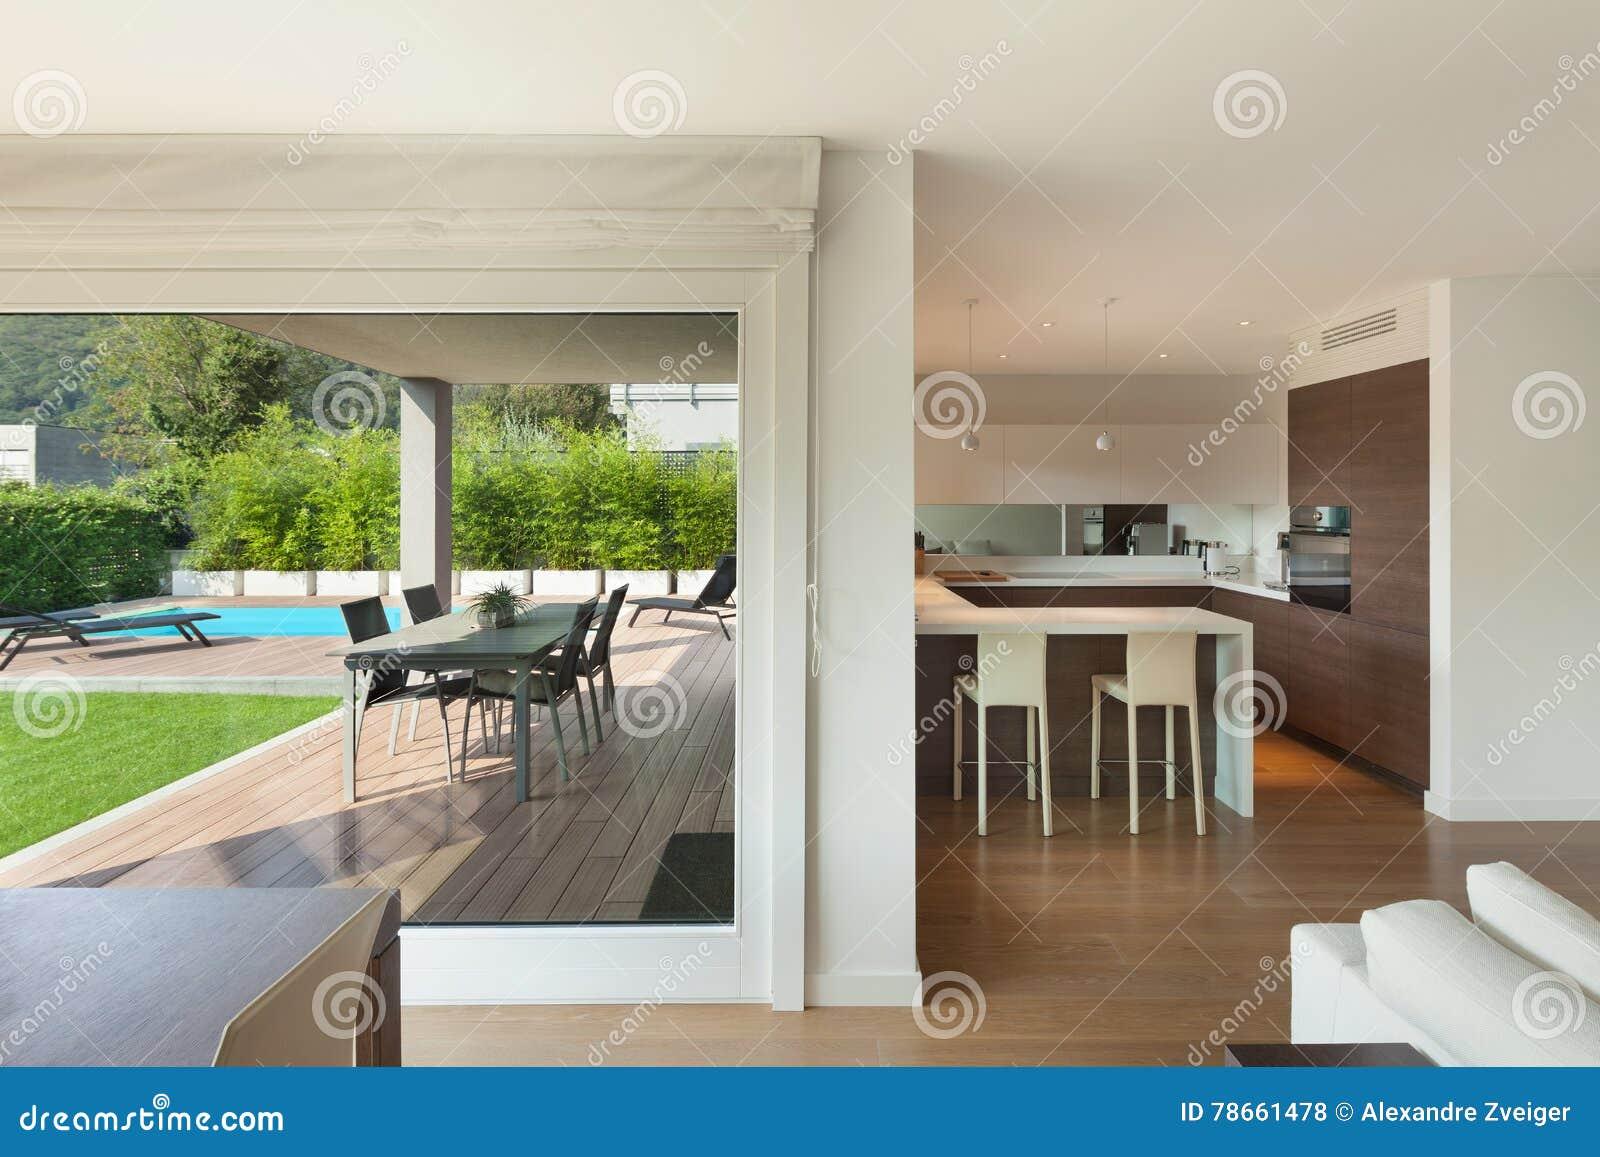 L Espace Interieur Et Grand Ouvert A La Maison De Luxe Photo Stock